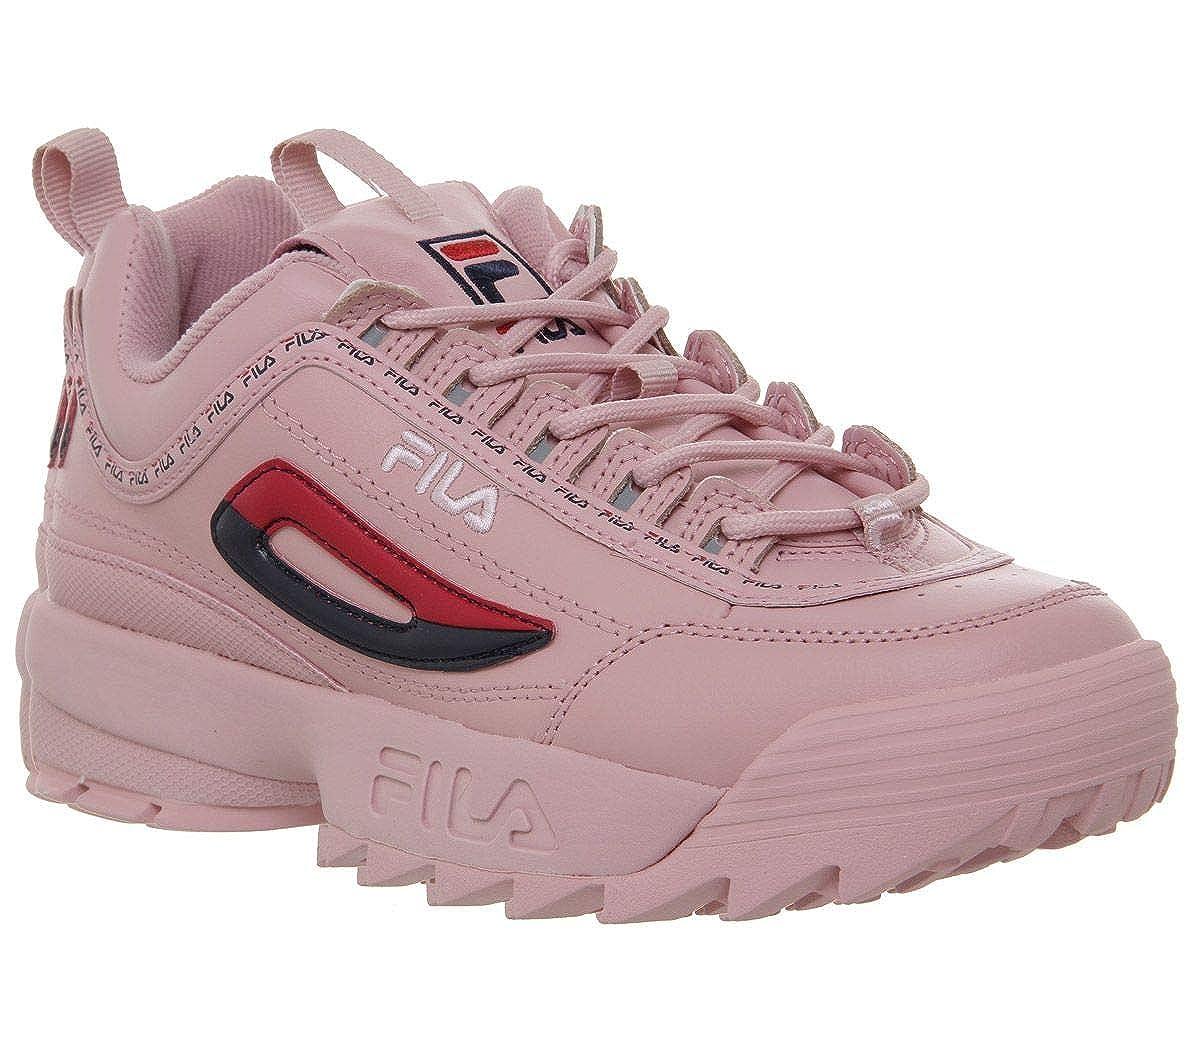 Fila Disruptor II Premium Repeat Rosa Mujer Zapatillas: Amazon.es: Zapatos y complementos